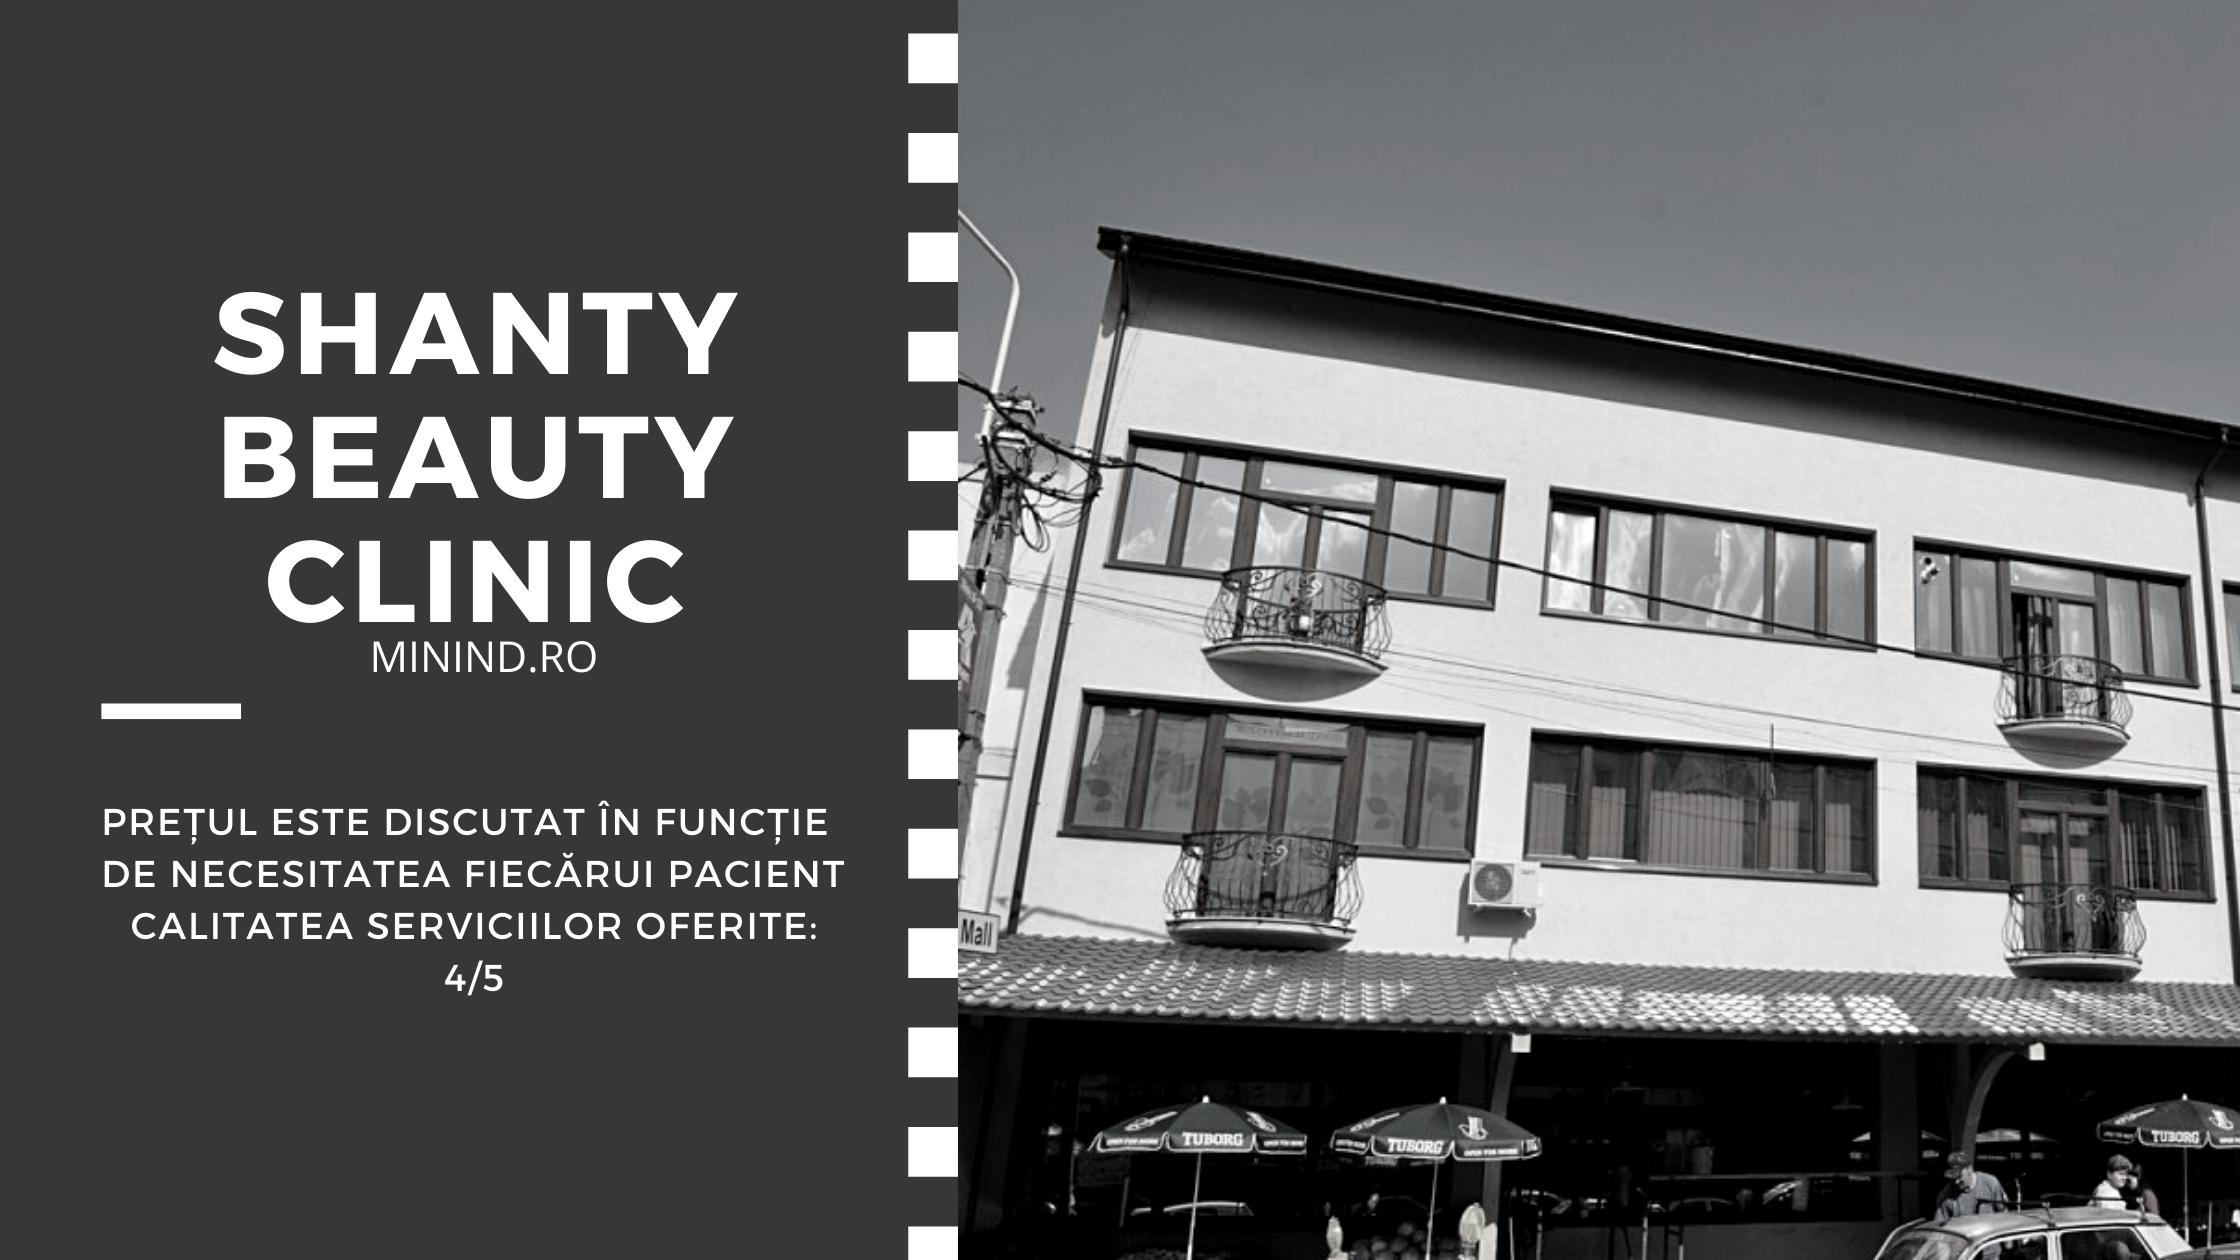 implant de par clinica shanty beauty